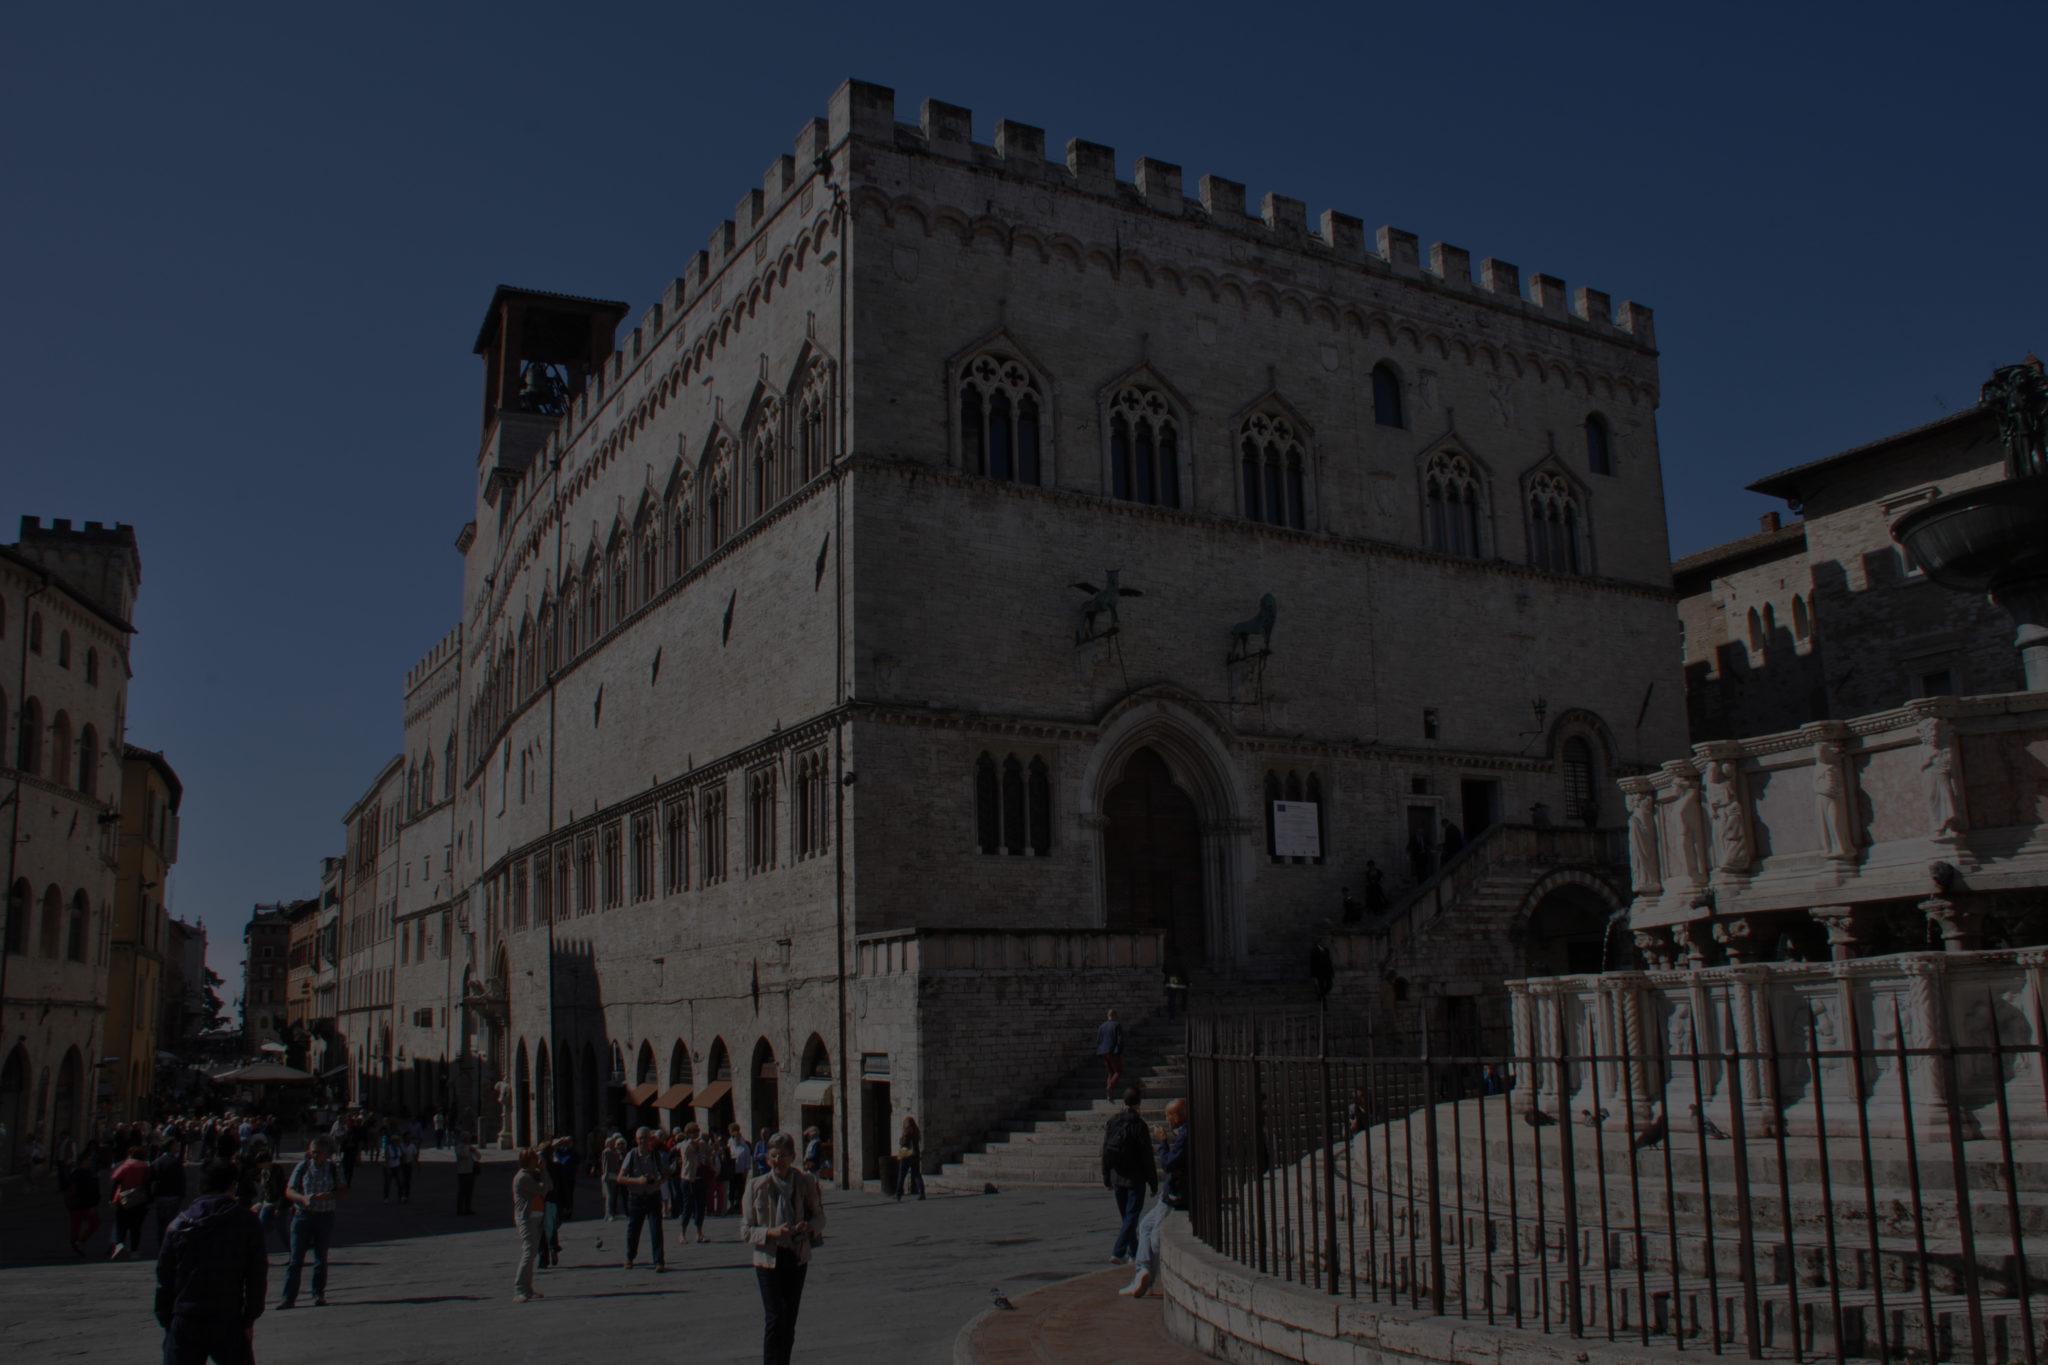 Tappezzeria Divani Perugia Umbria